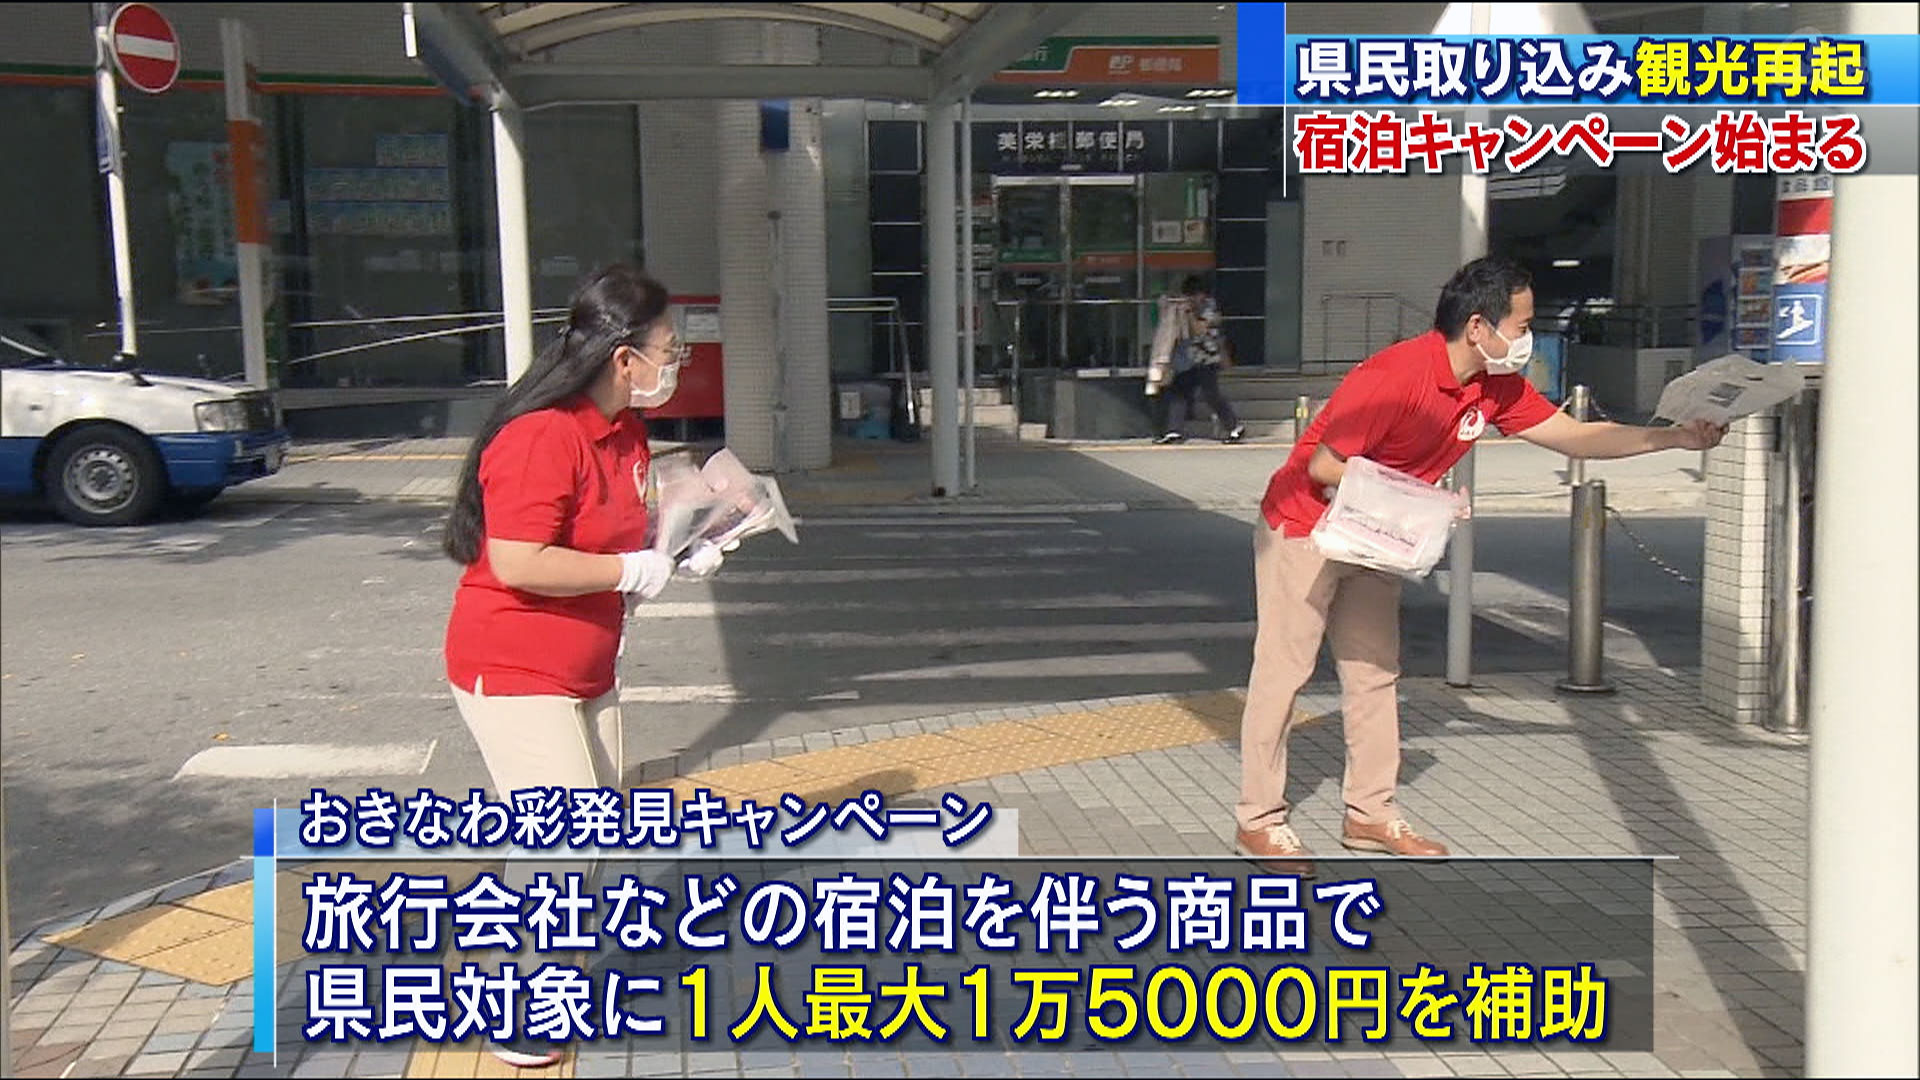 県内旅行の宿泊費補助が始まる